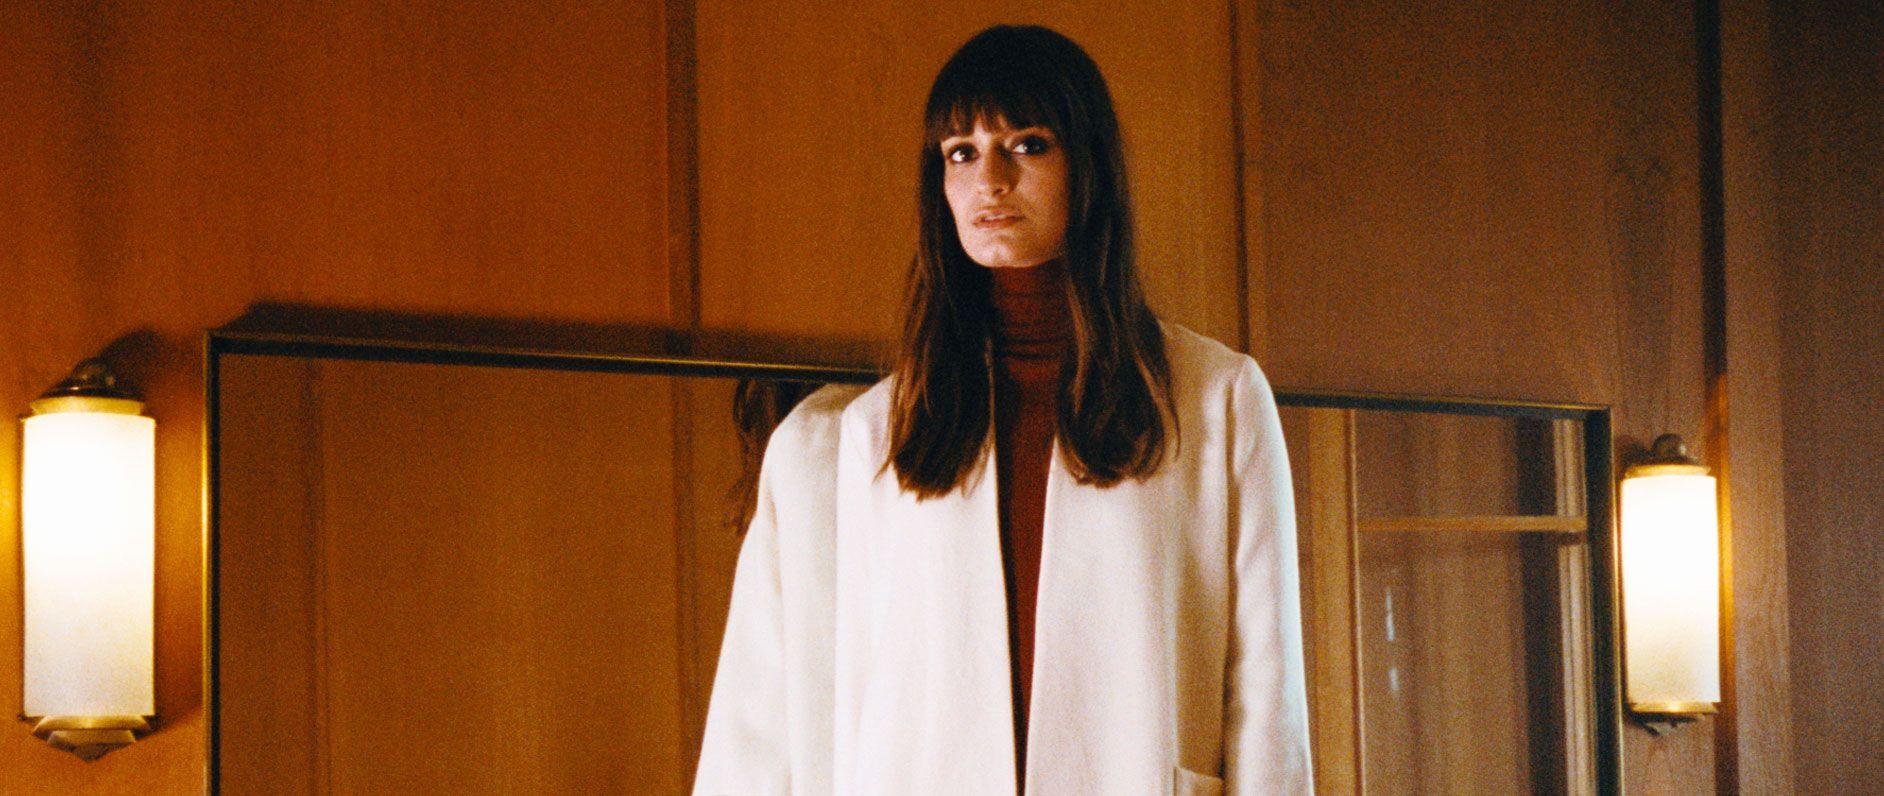 Clara Luciani edito mode costume